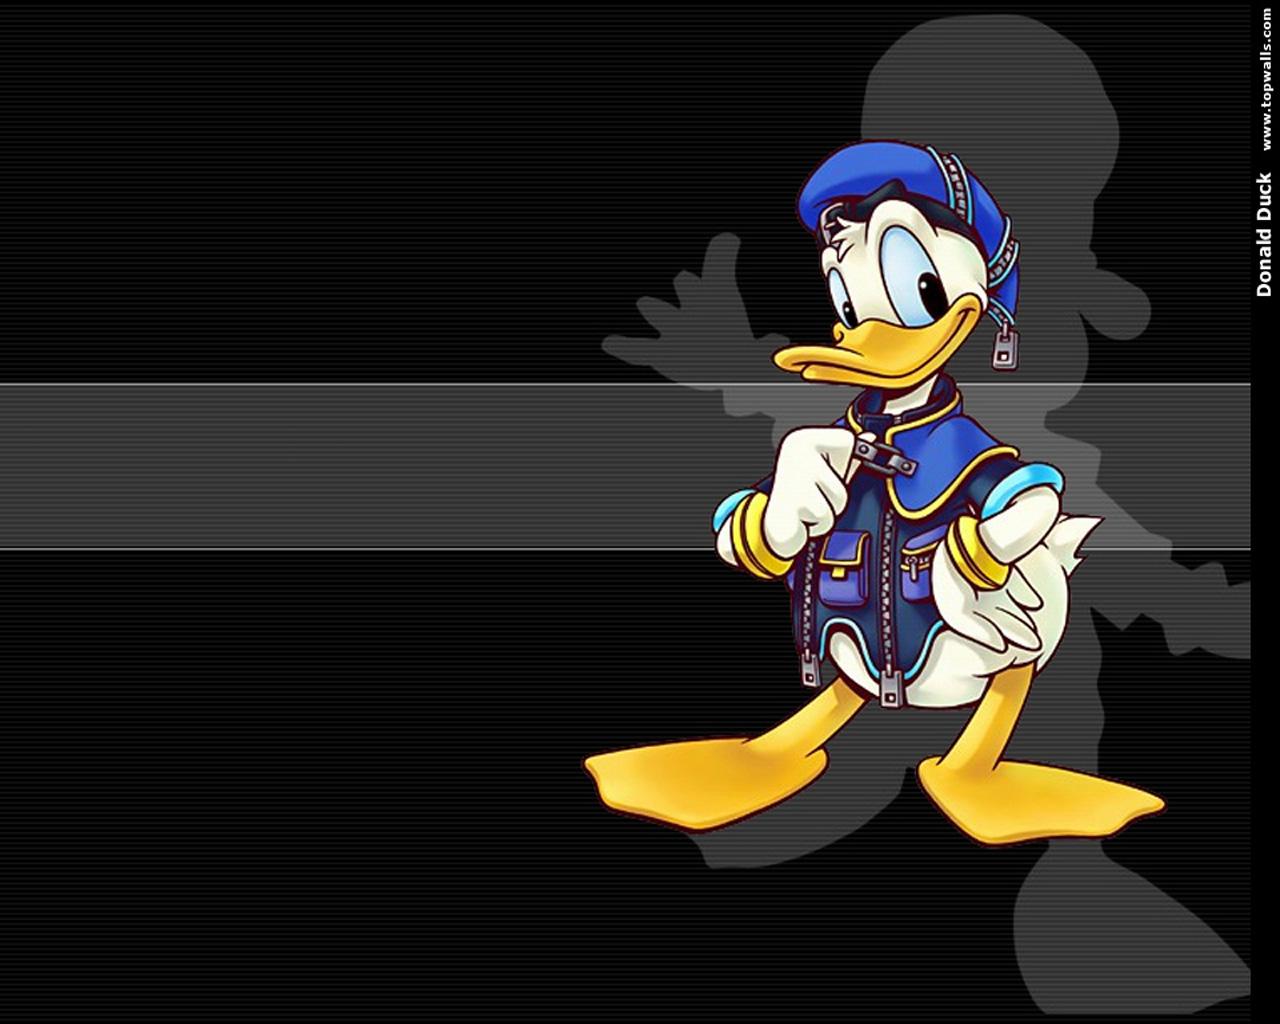 http://2.bp.blogspot.com/-8vgzM6sxy40/TkJvrxNqcEI/AAAAAAAAFKc/-OXLyMr4opM/s1600/donald-duck.jpg